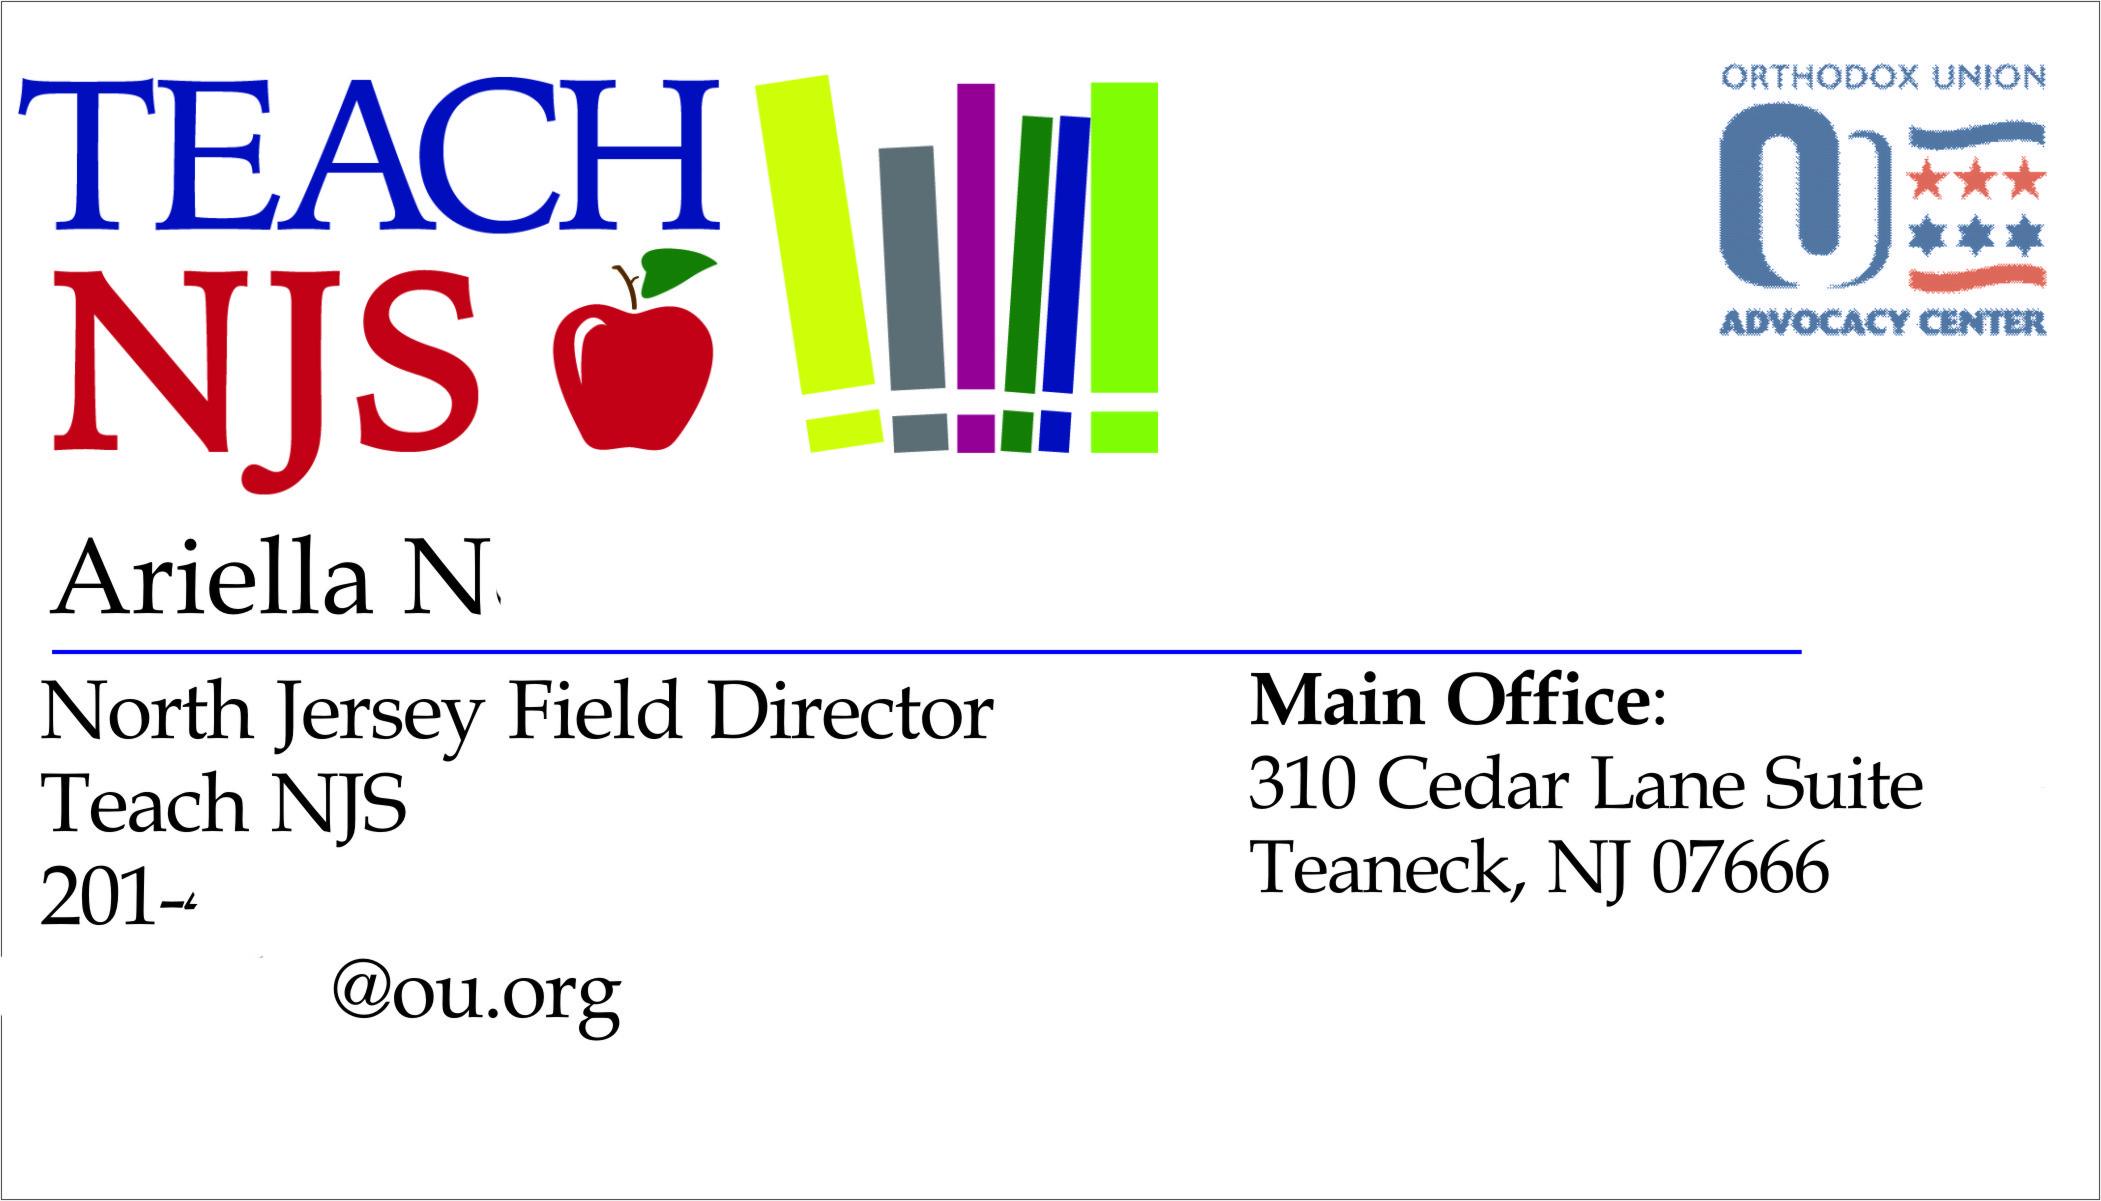 Teach NJS Business Card